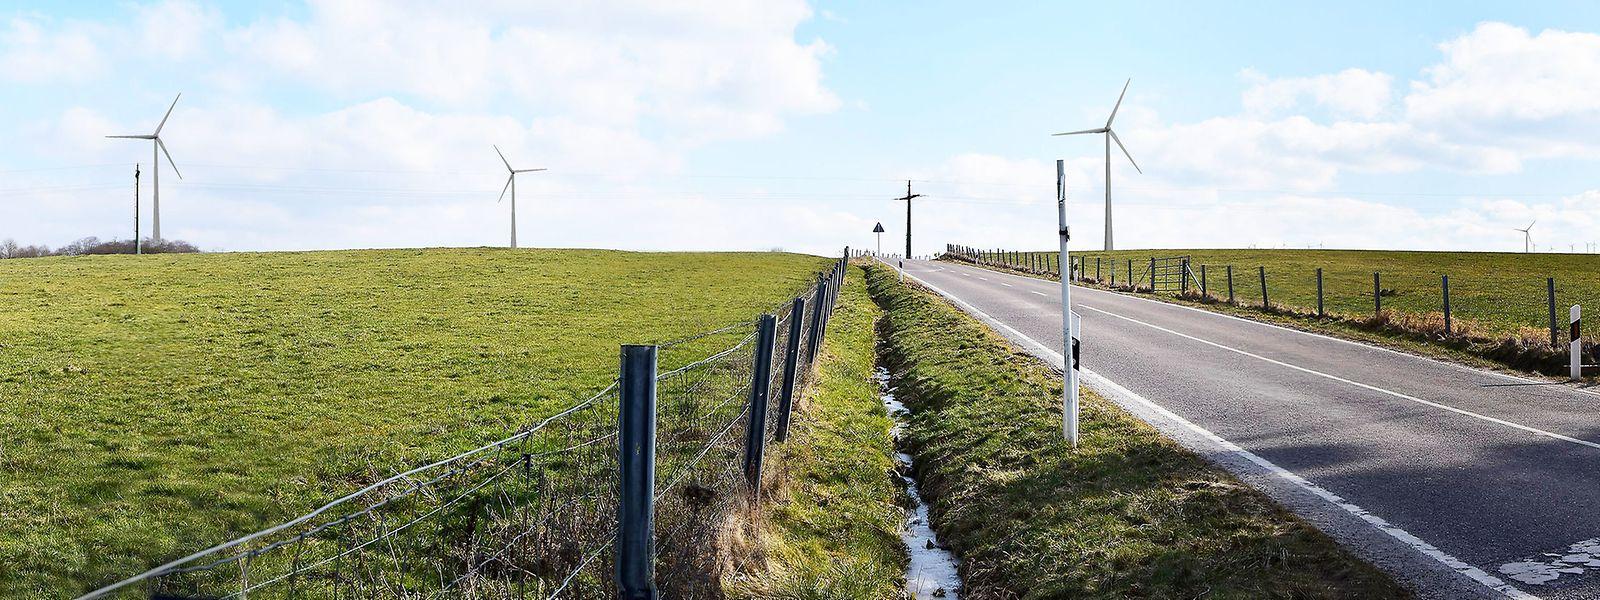 Die Fotomontage zeigt den Blick auf der Landstraße von Hassel in Richtung Dalheim.